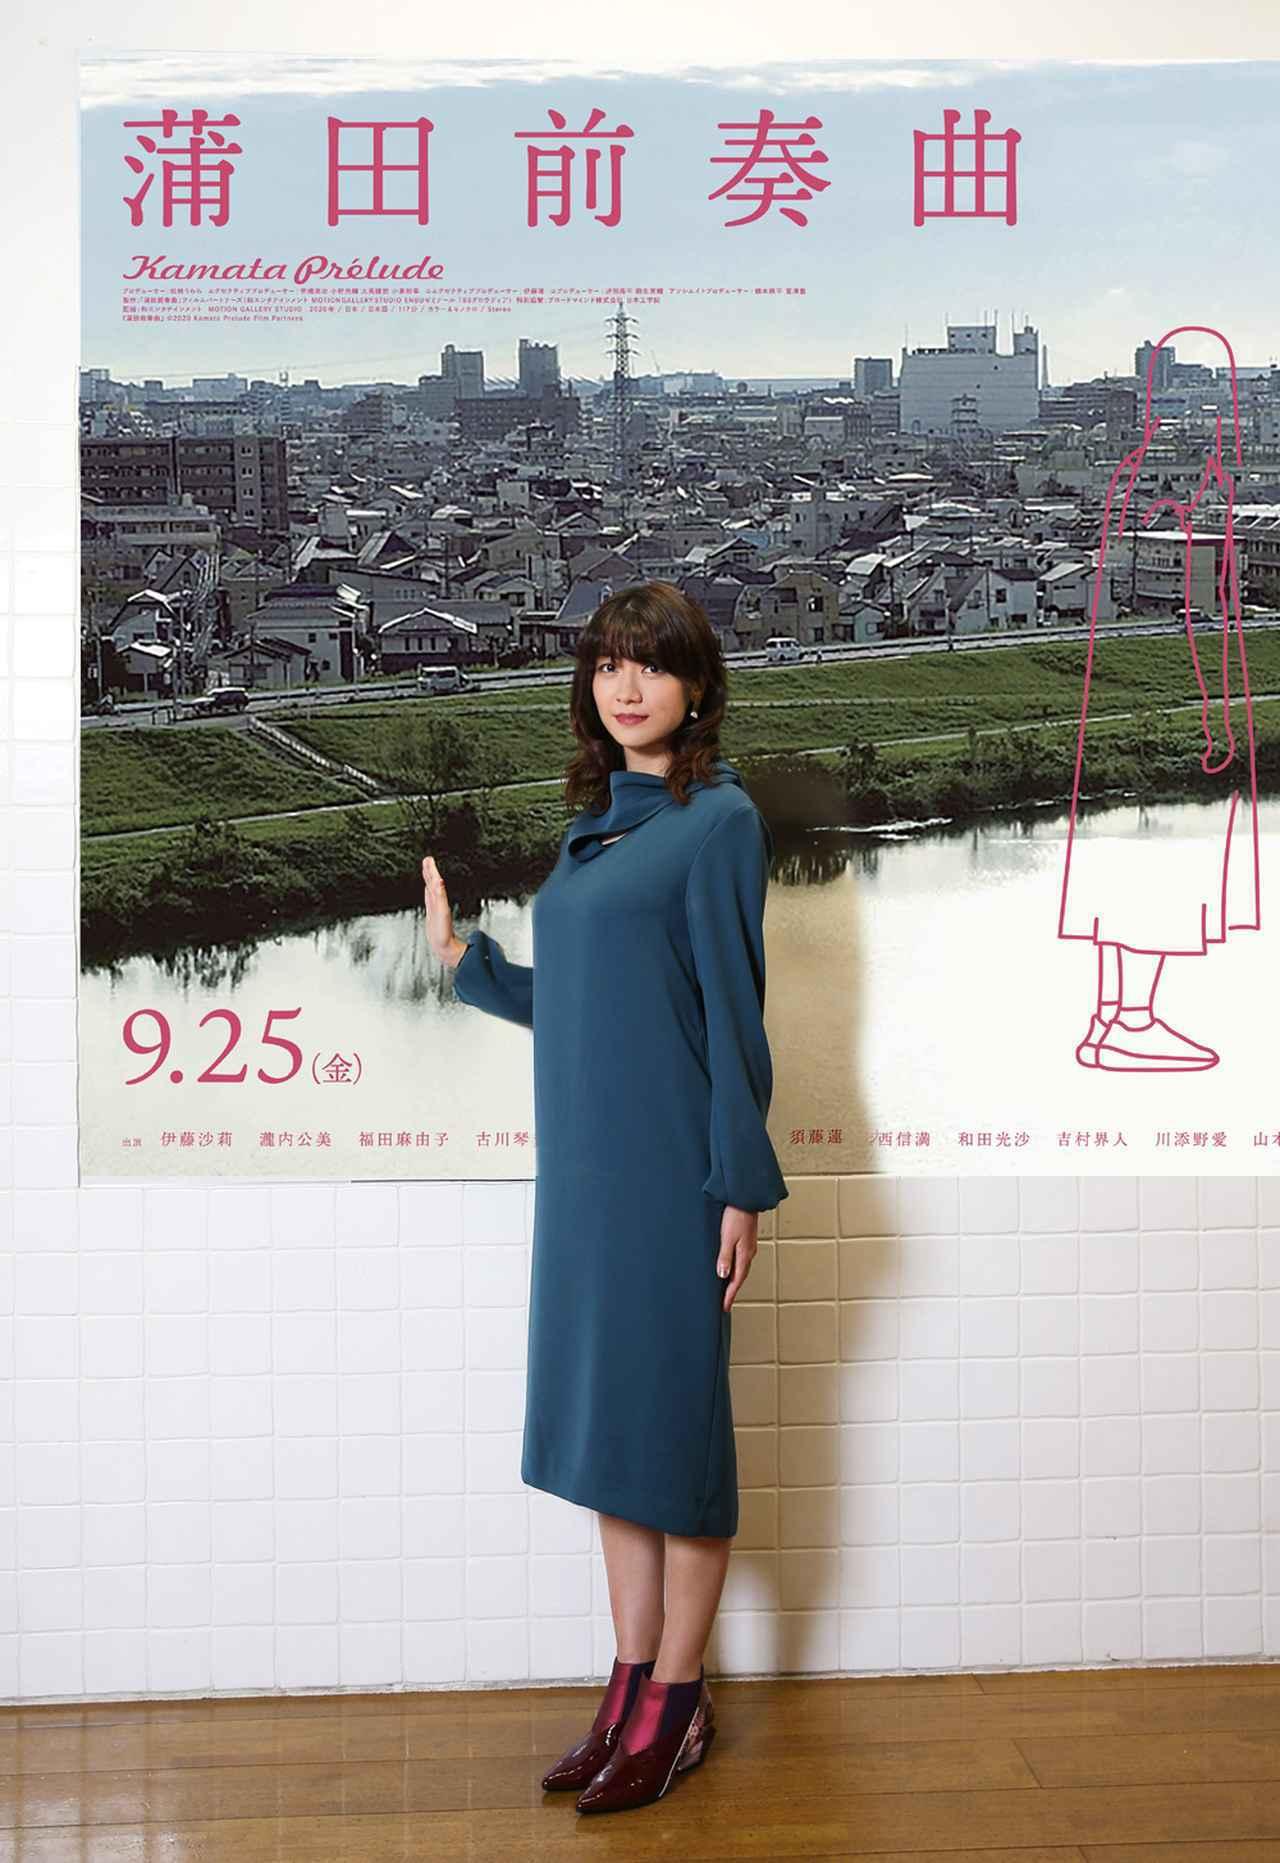 画像1: 松林うらら企画・プロデュース作『蒲田前奏曲』、いよいよ9月25日に公開。「想いが込められた作品ですけど、ライトに楽しく観られる仕上がりになっています」(瀧内)